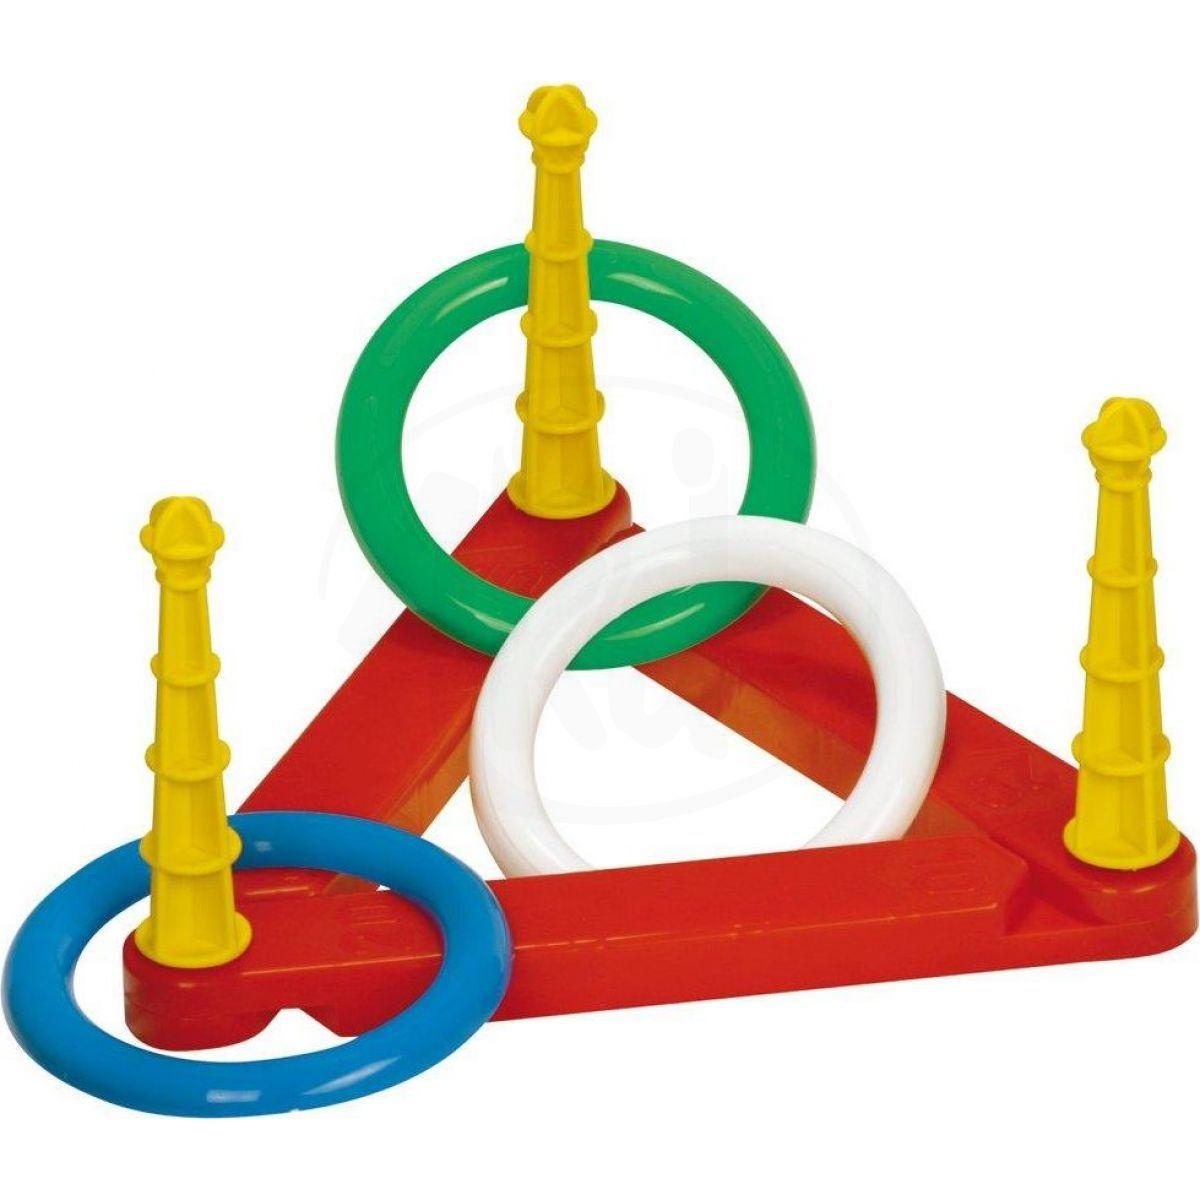 Toy Házecí kroužky plastové - modrý trojúhelník